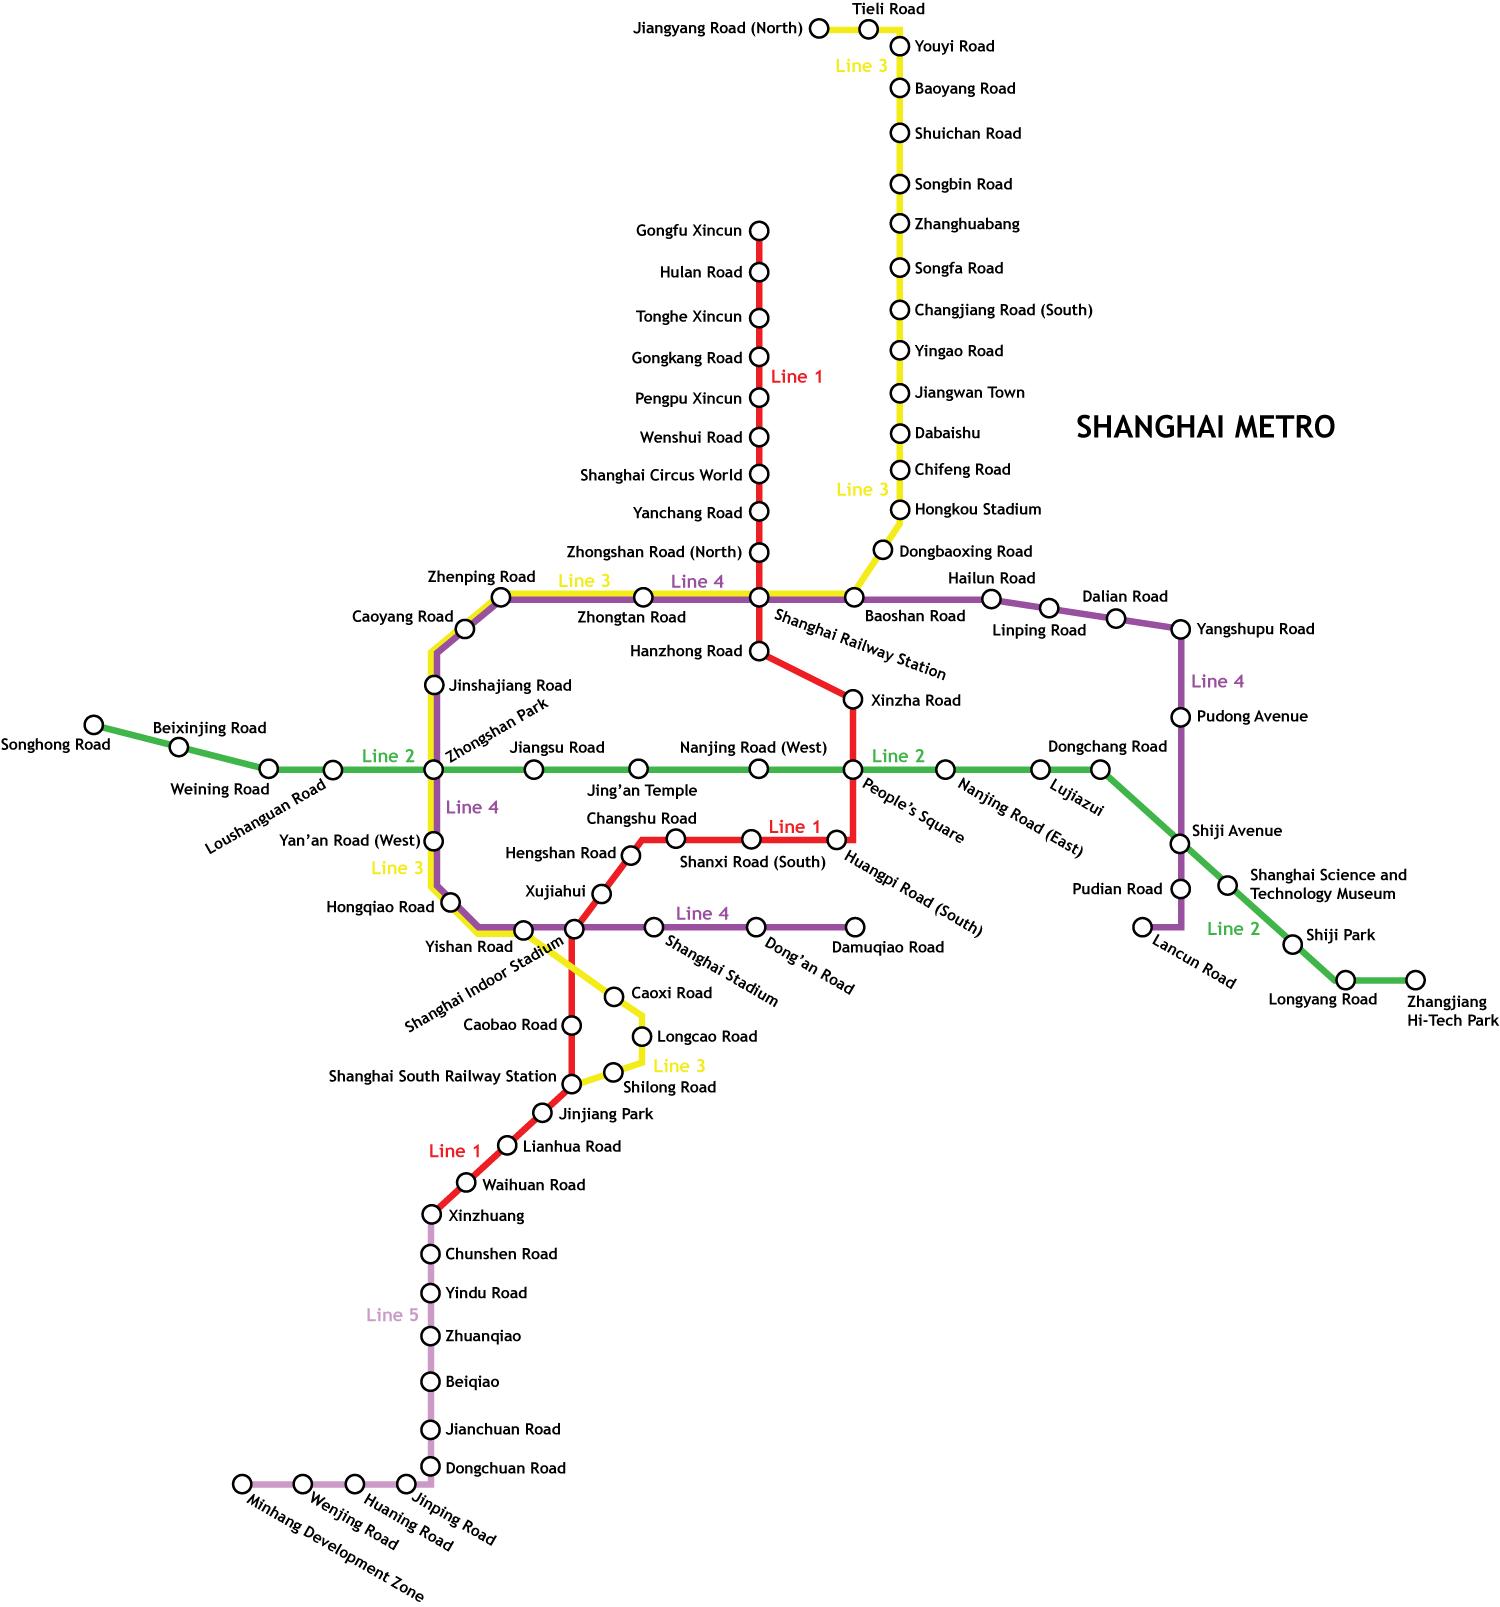 Subway Map In Shanghai.Shanghai Metro Subway System Map English Hi Res Detailed